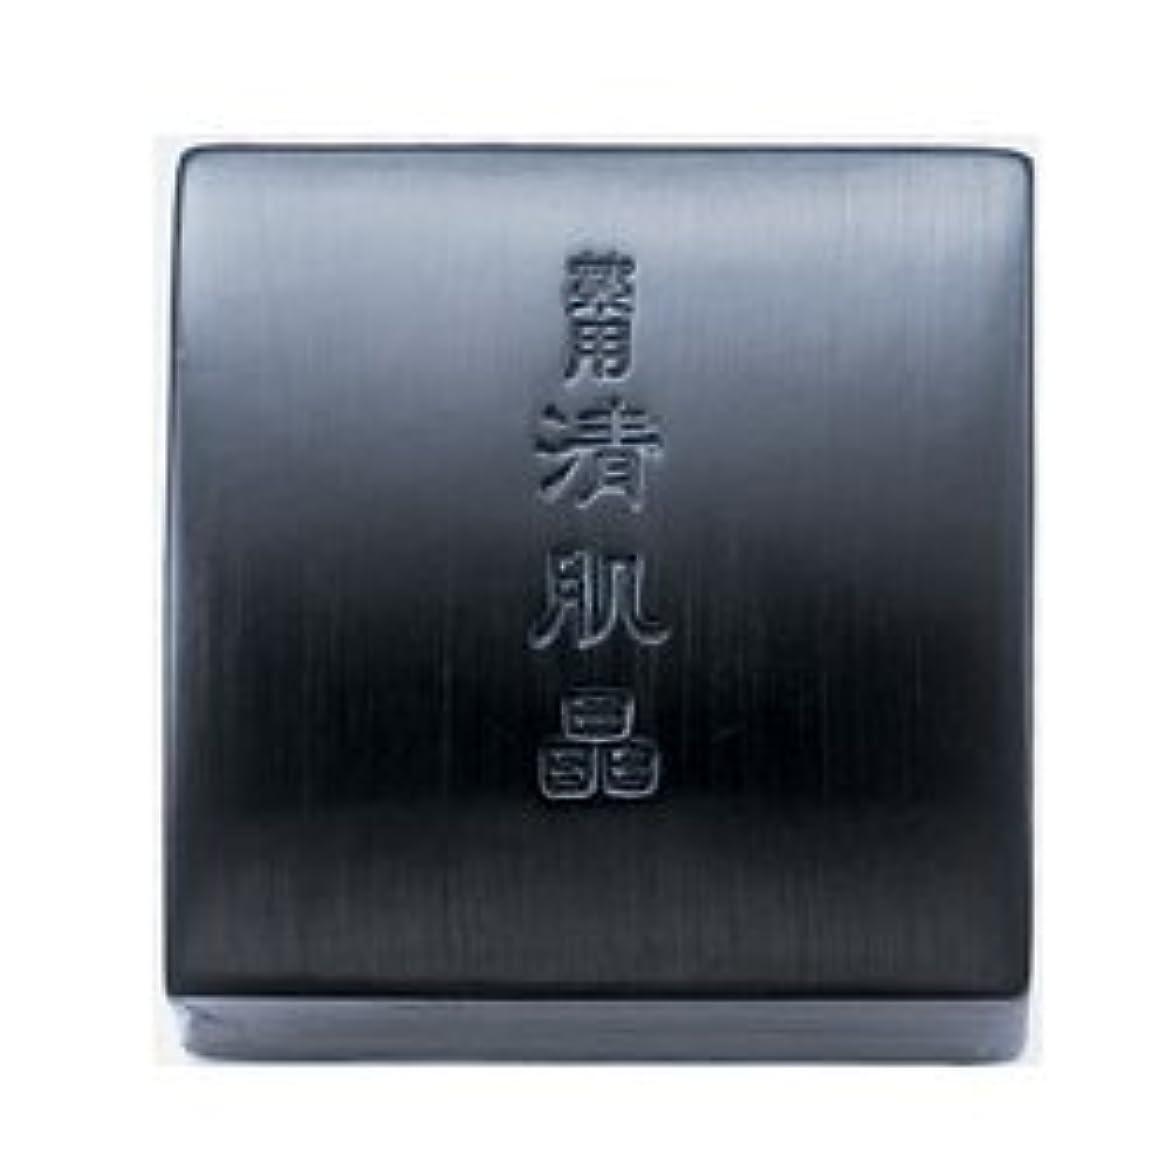 暴露赤外線見つけたコーセー薬用 清肌晶120g(ケース付き)